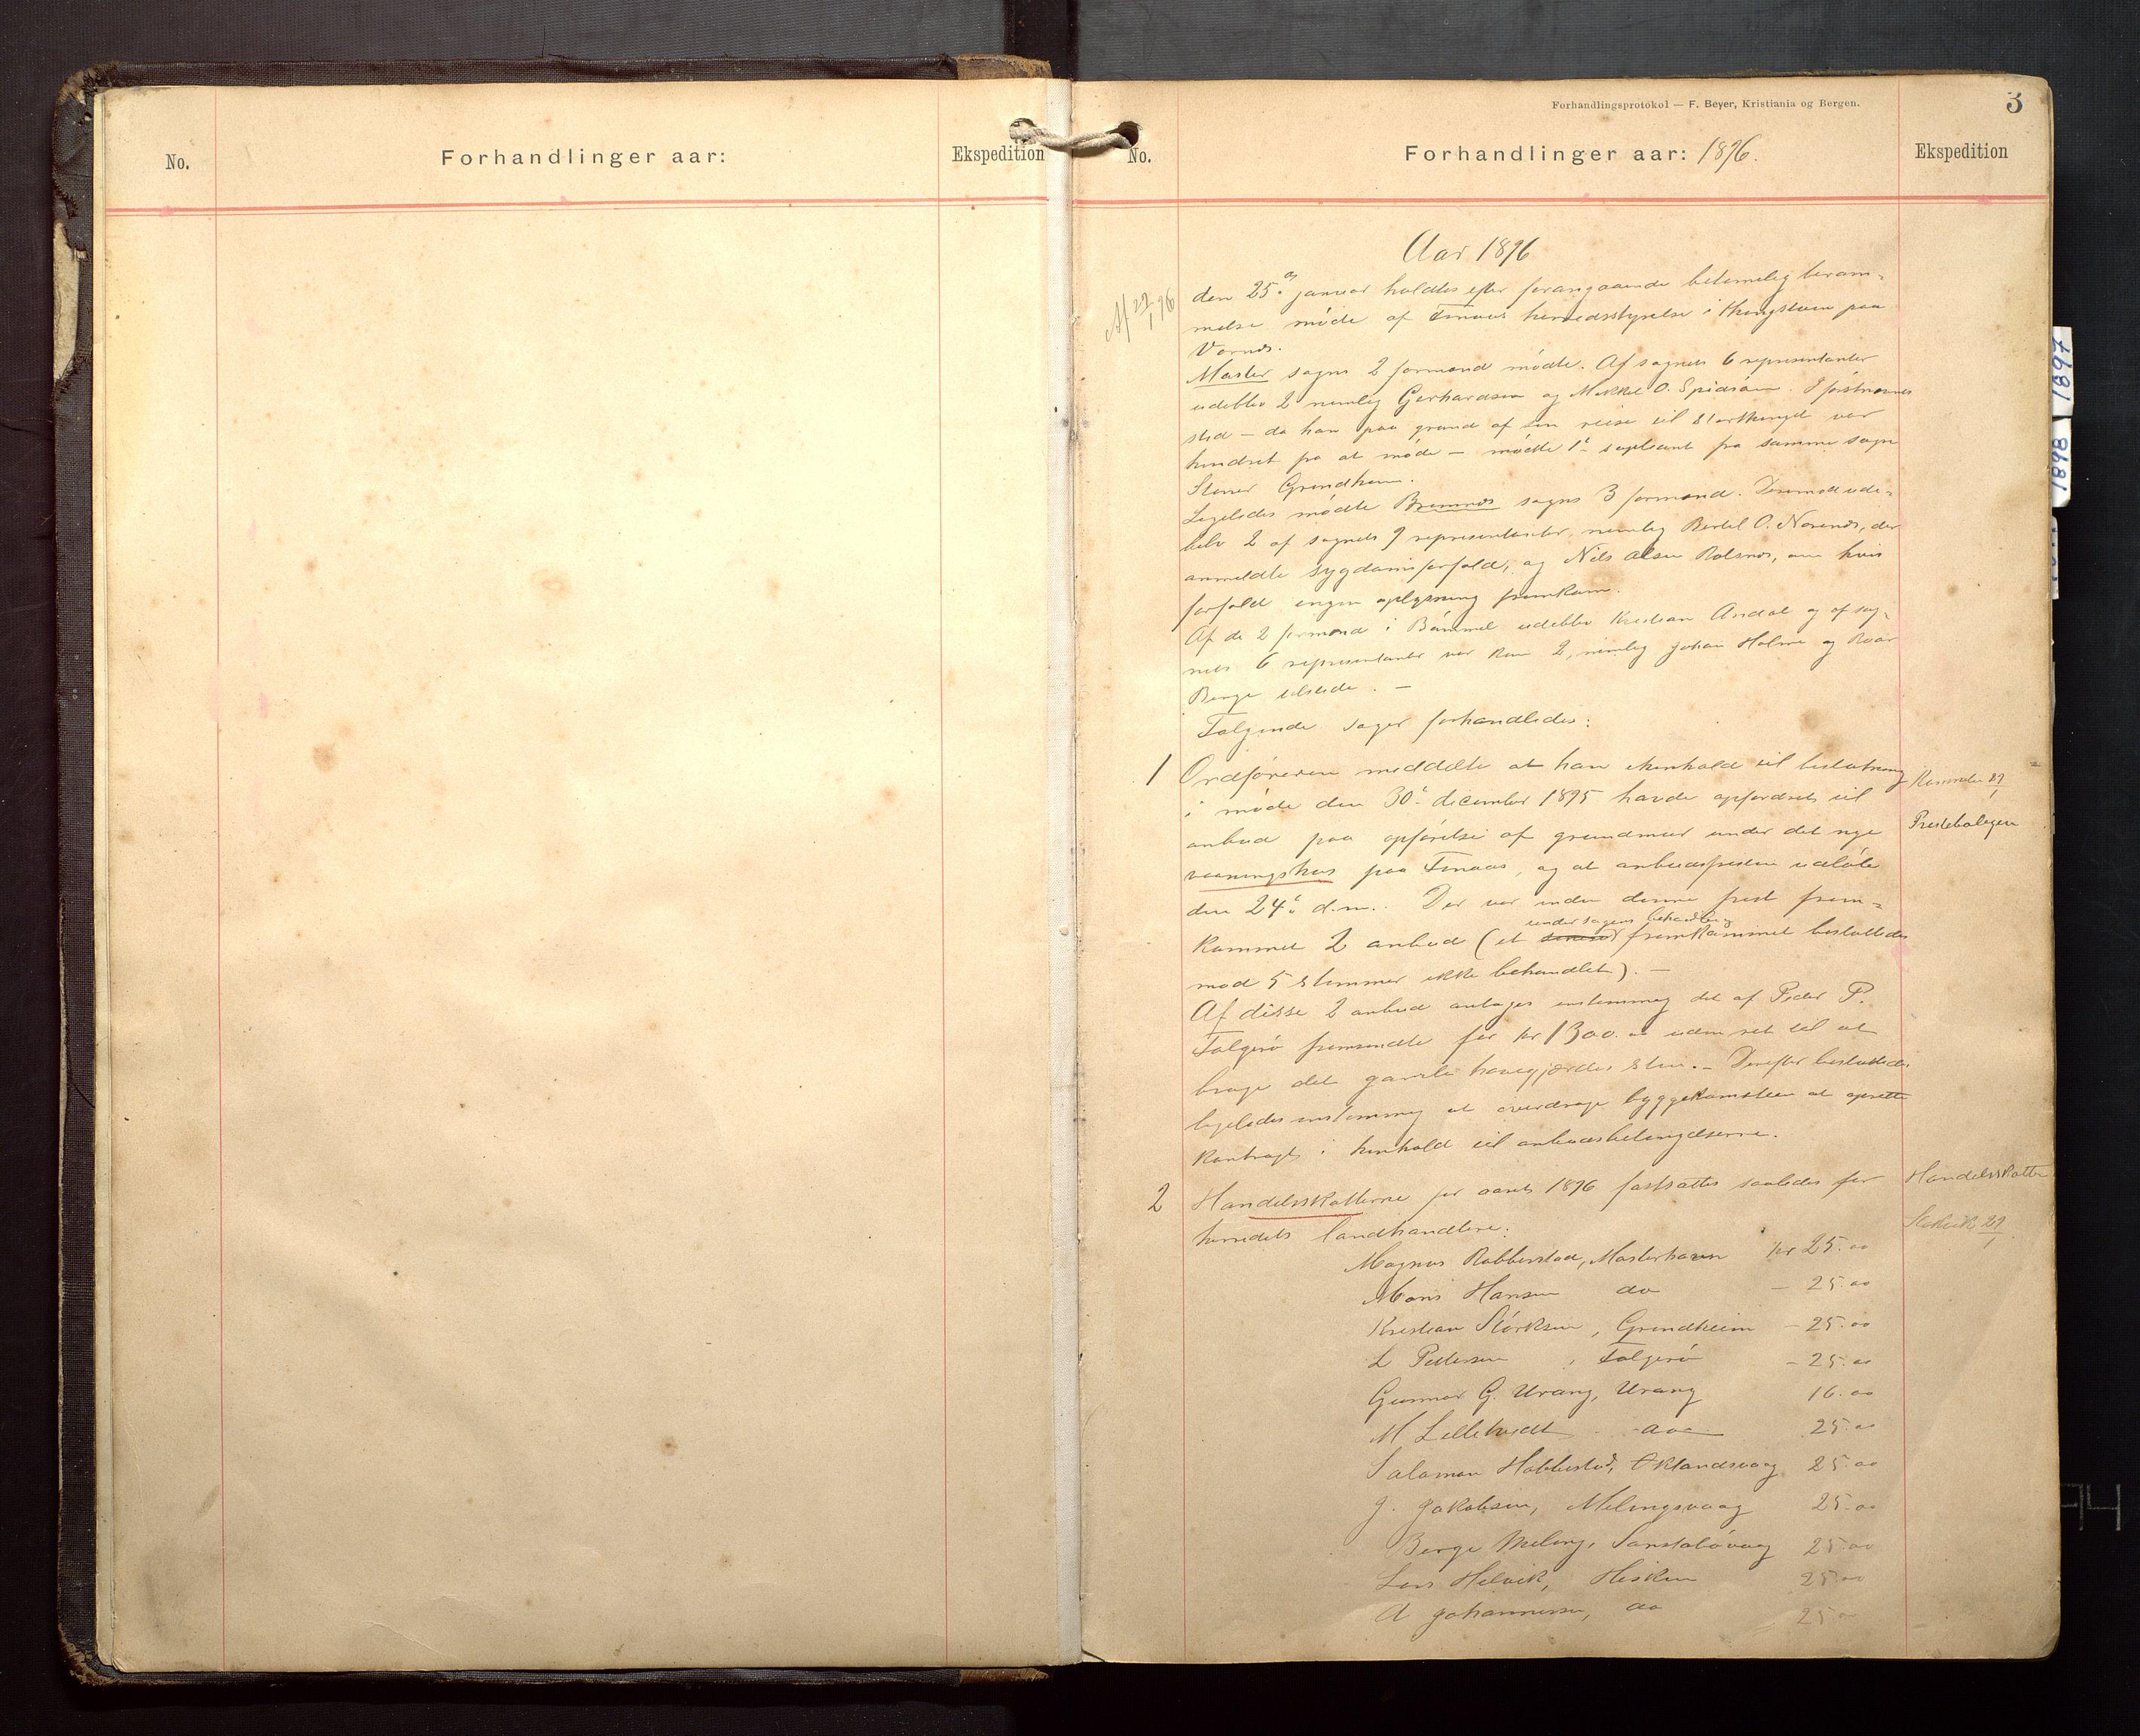 IKAH, Finnaas kommune. Formannskapet, A/Aa/L0003: Møtebok for formannskap, heradsstyre og soknestyre, 1896-1908, s. 3